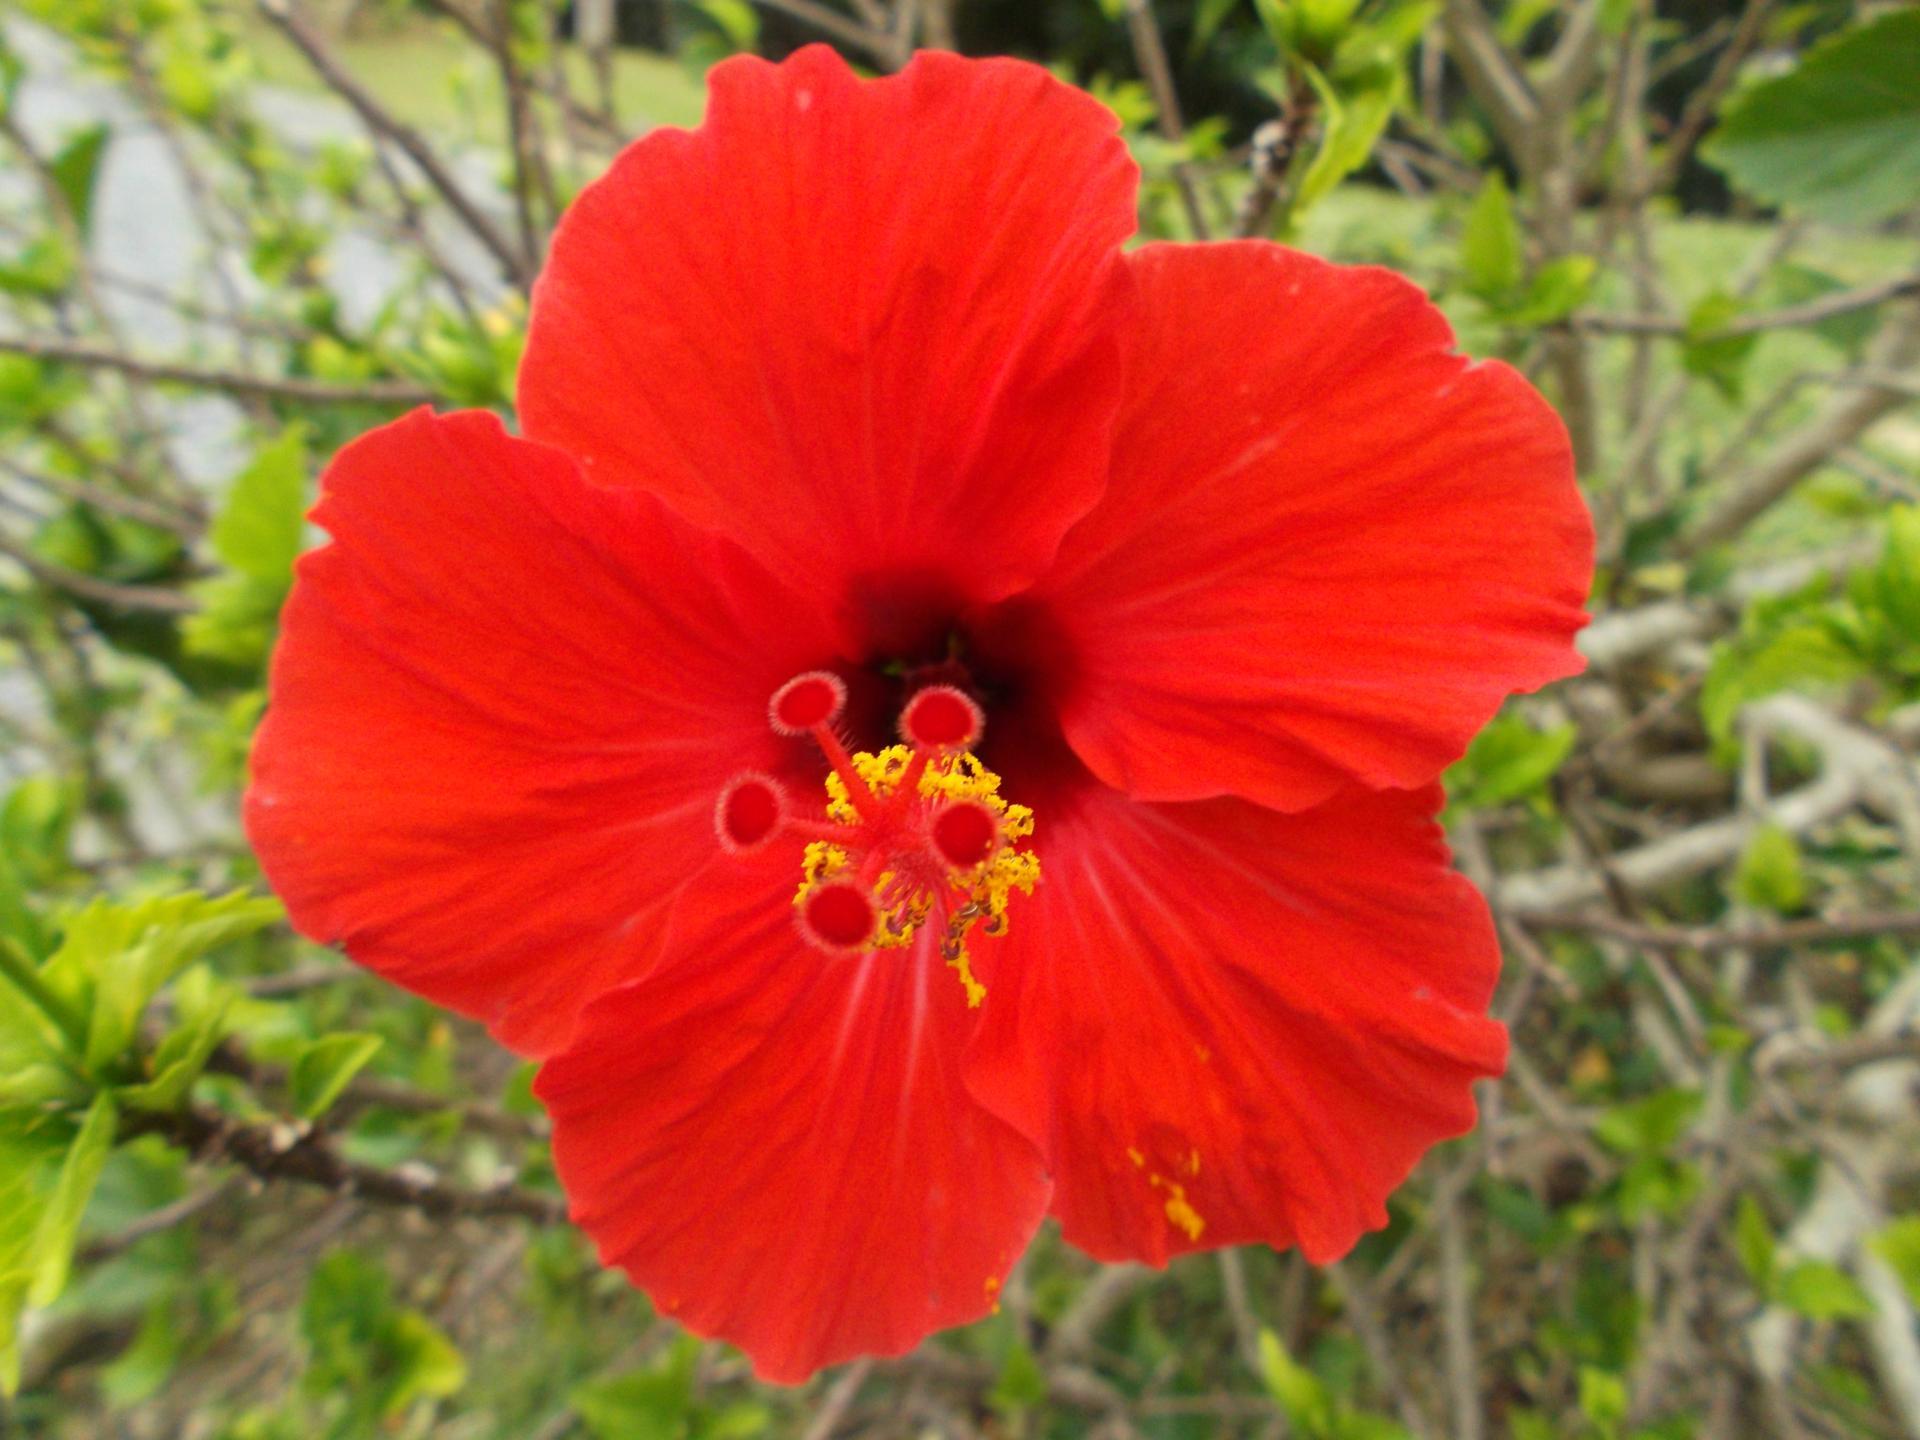 沖縄・那覇市の定番観光スポット3選!沖縄の魅力を独り占めしよう